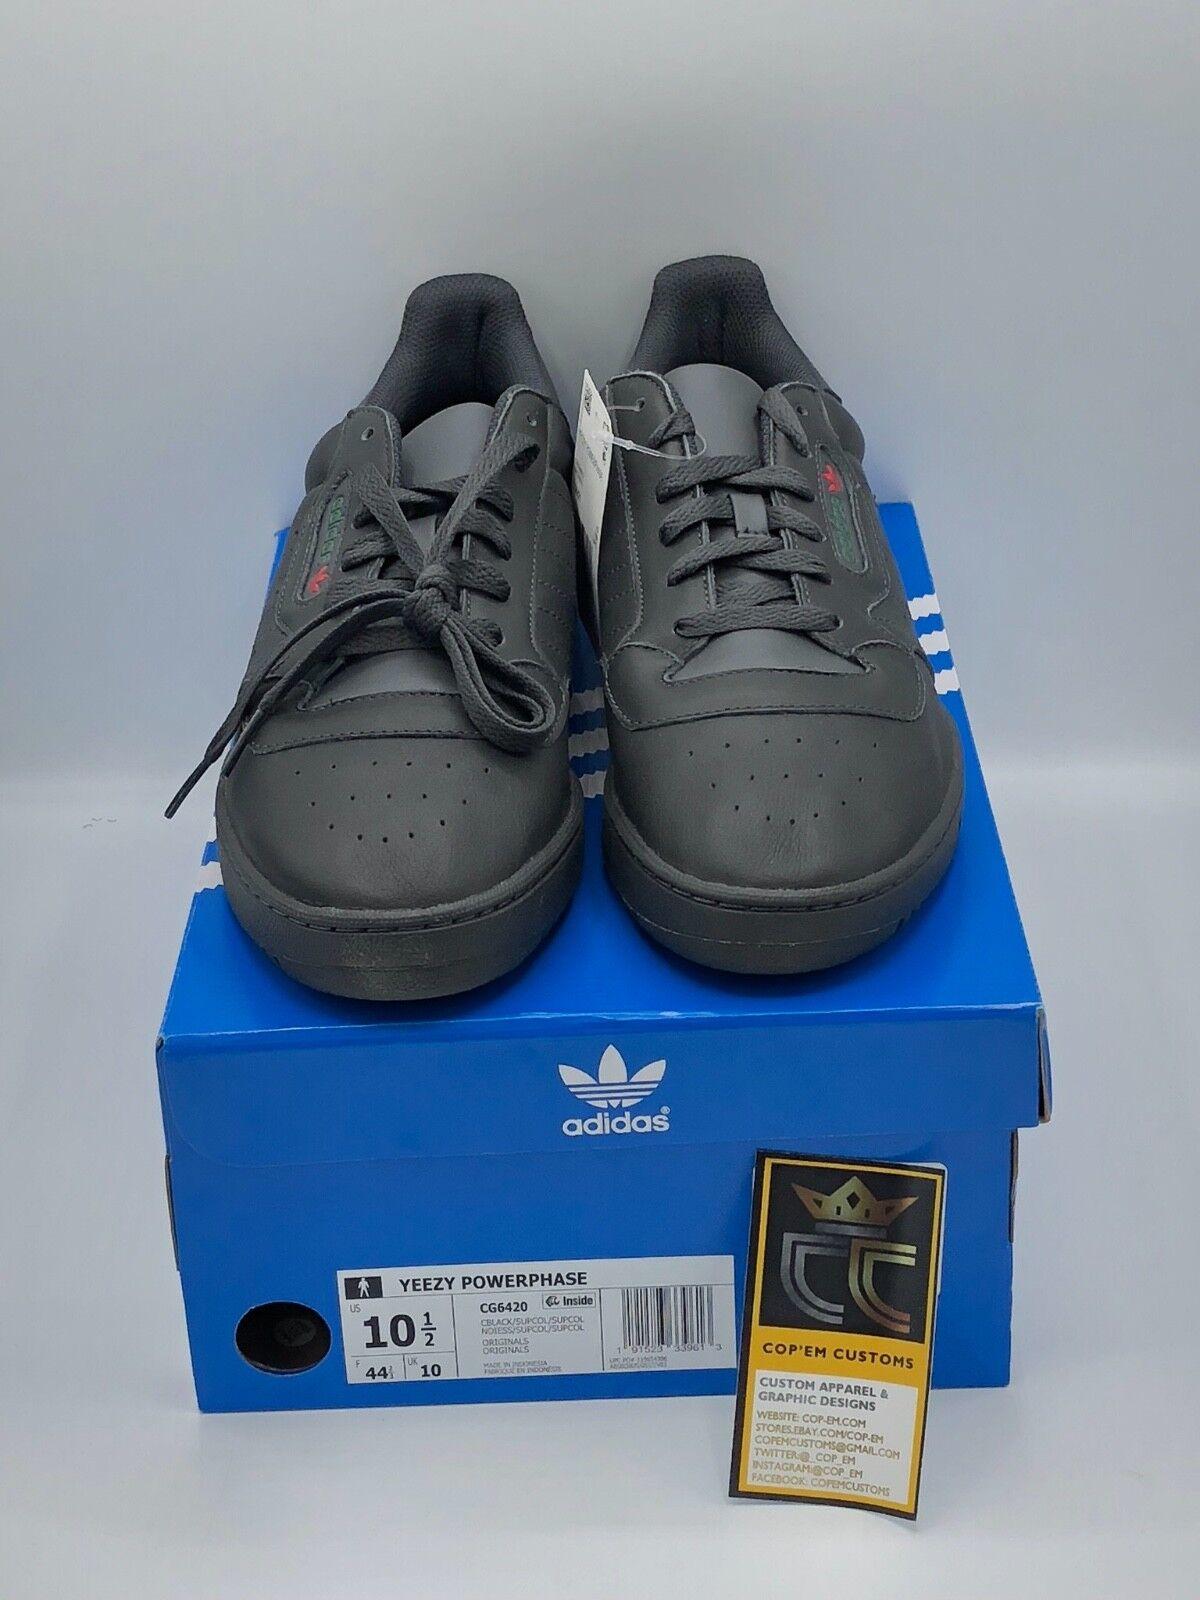 Adidas Yeezy powerphase Calabasas' core marca Negro 'zapatillas zapatos cg64nueva marca core d1bba3